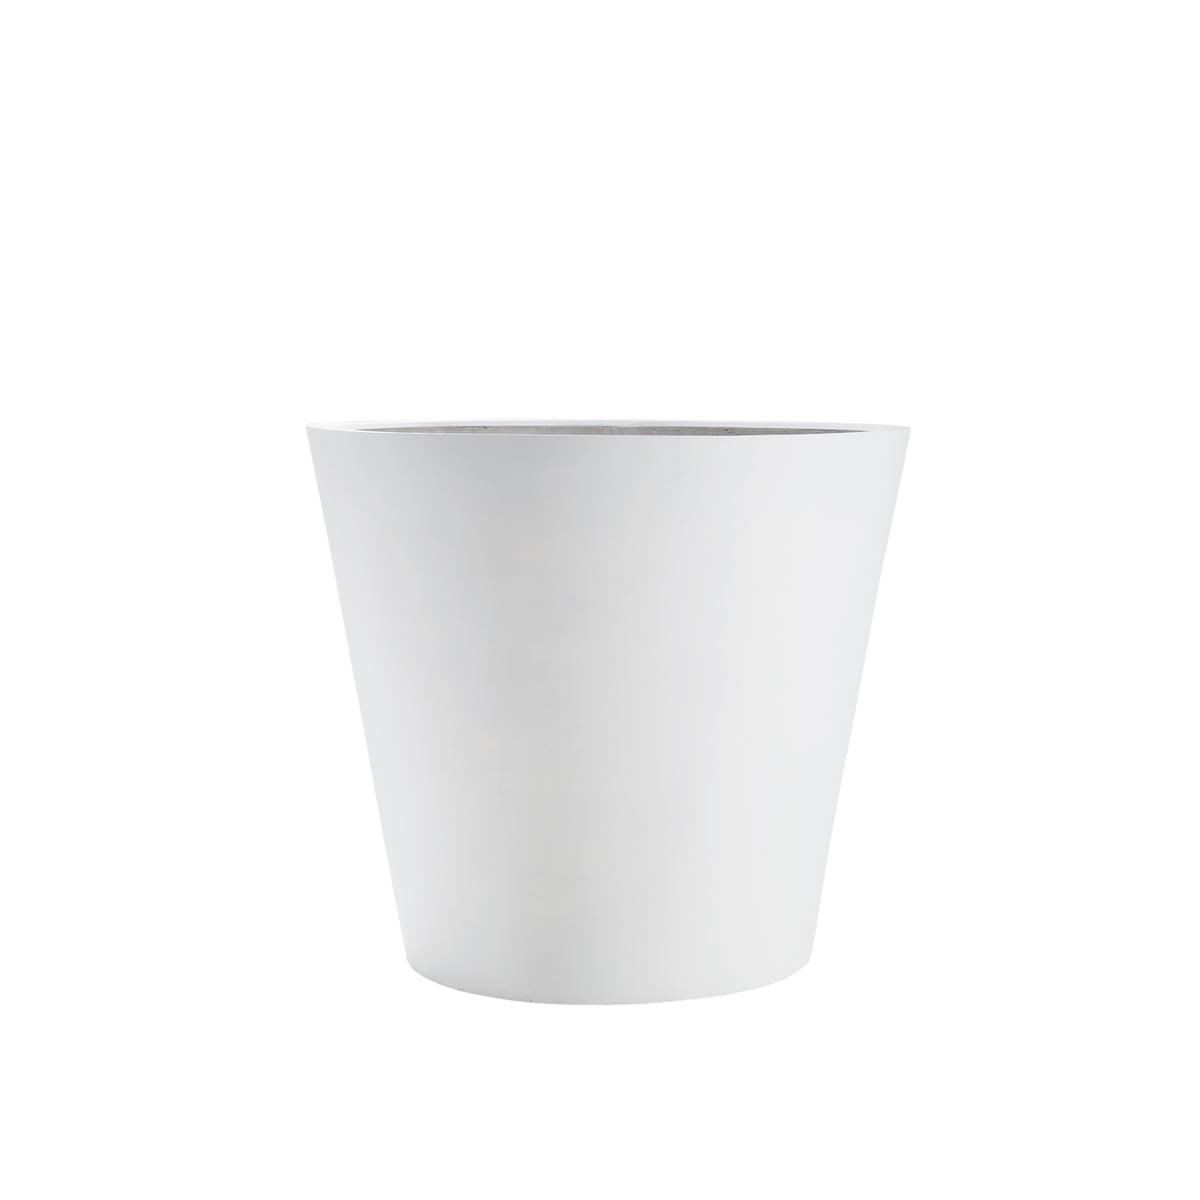 Amei - Der Runde Pflanzkübel, XS, weiß | Dekoration > Dekopflanzen > Pflanzenkübel | Weiß | Stonefiber (mixtur als polyesterharz und gemahlenem stein mit strängen aus fiberglas) | Amei